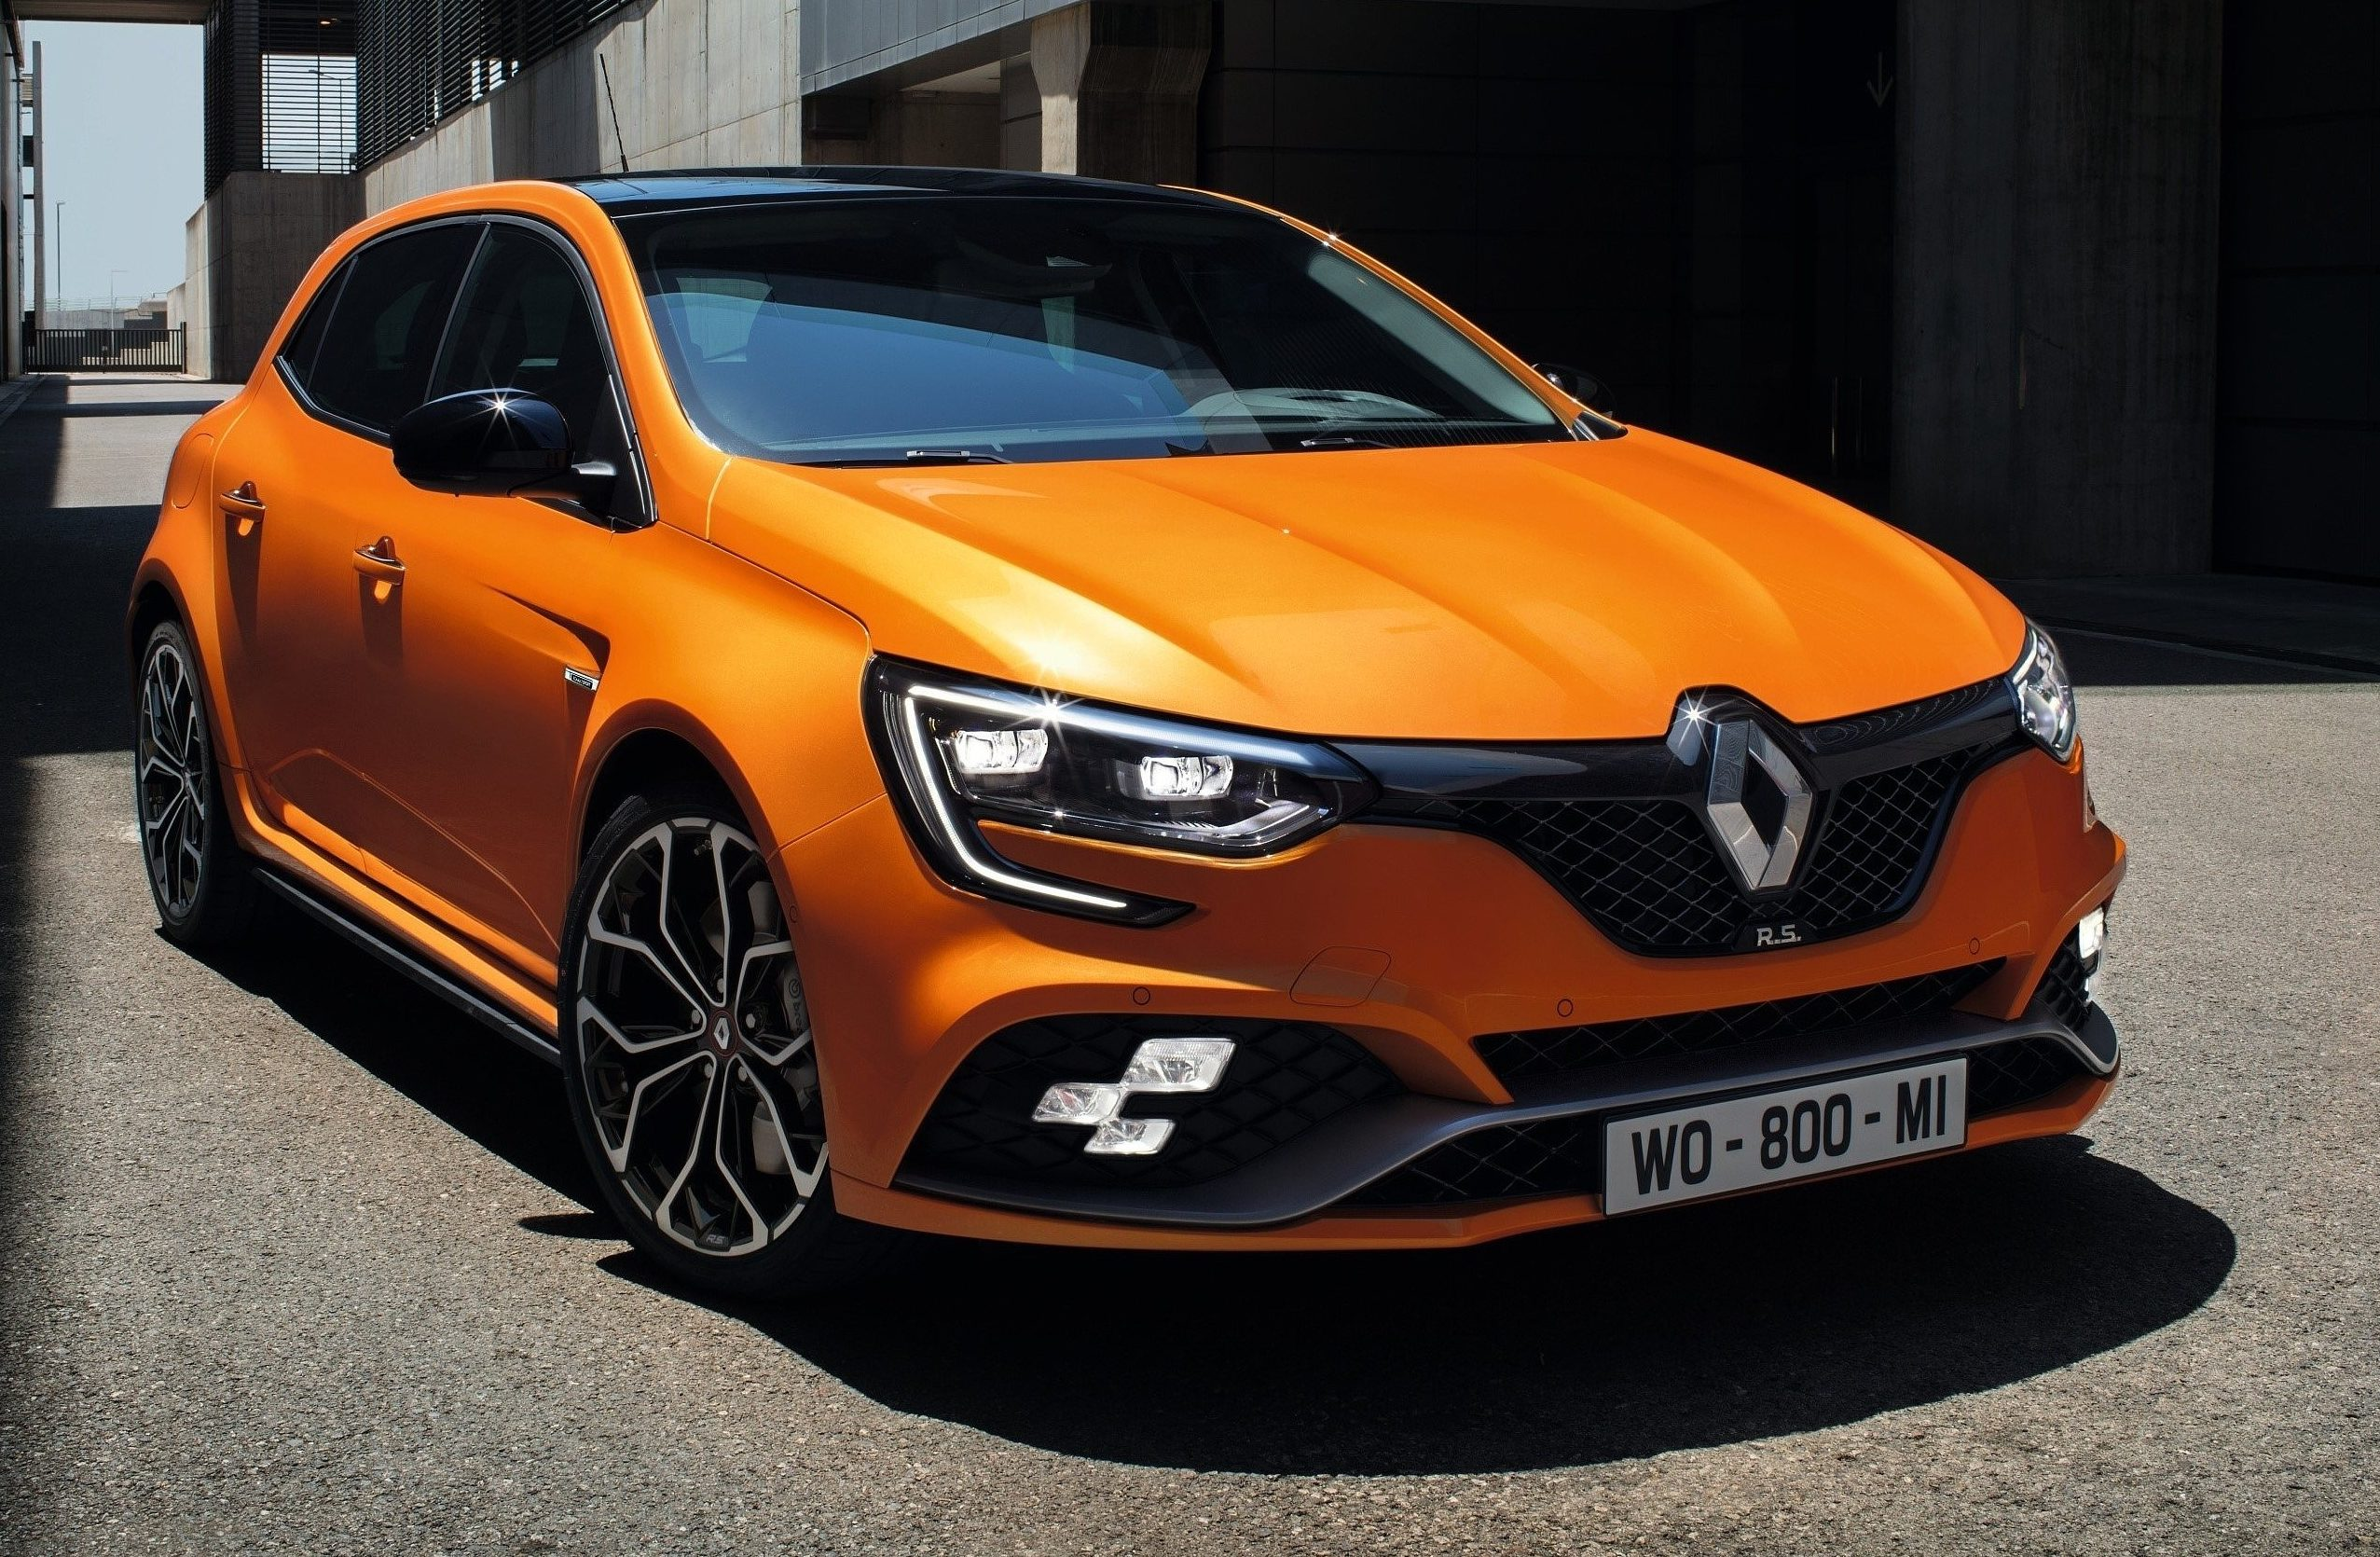 Yeni Renault Megane R.S.'in Fiyatları Açıklandı